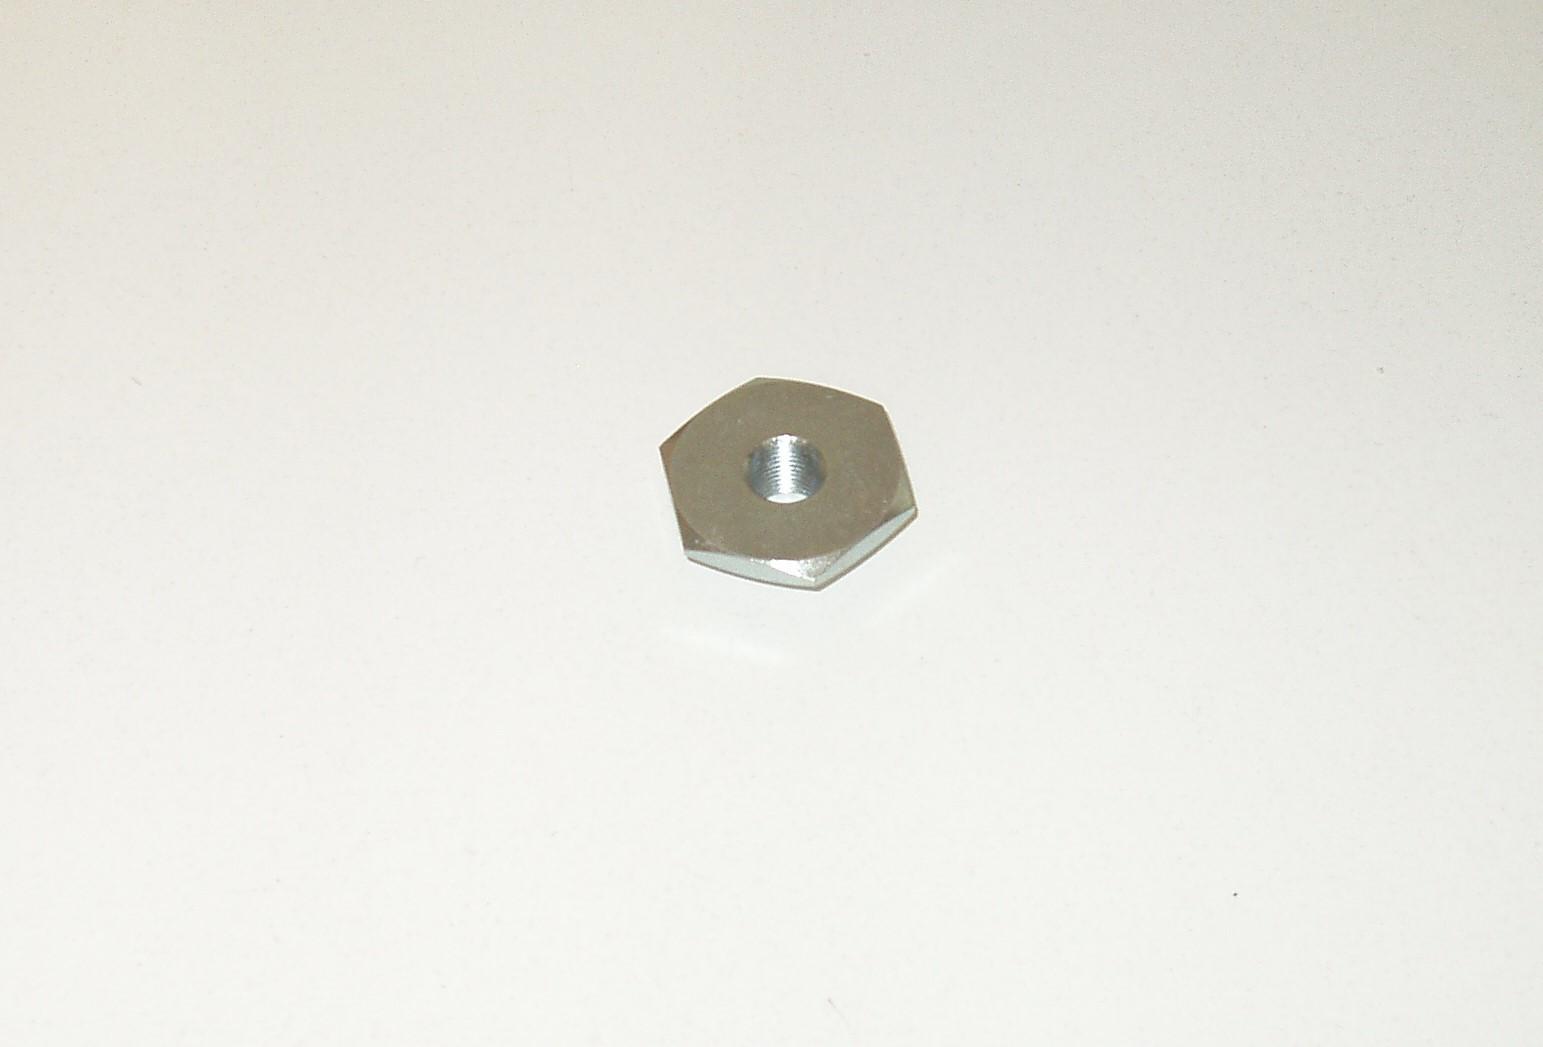 Kondensator Mobylette N150 51 50v 41 88 M1 142